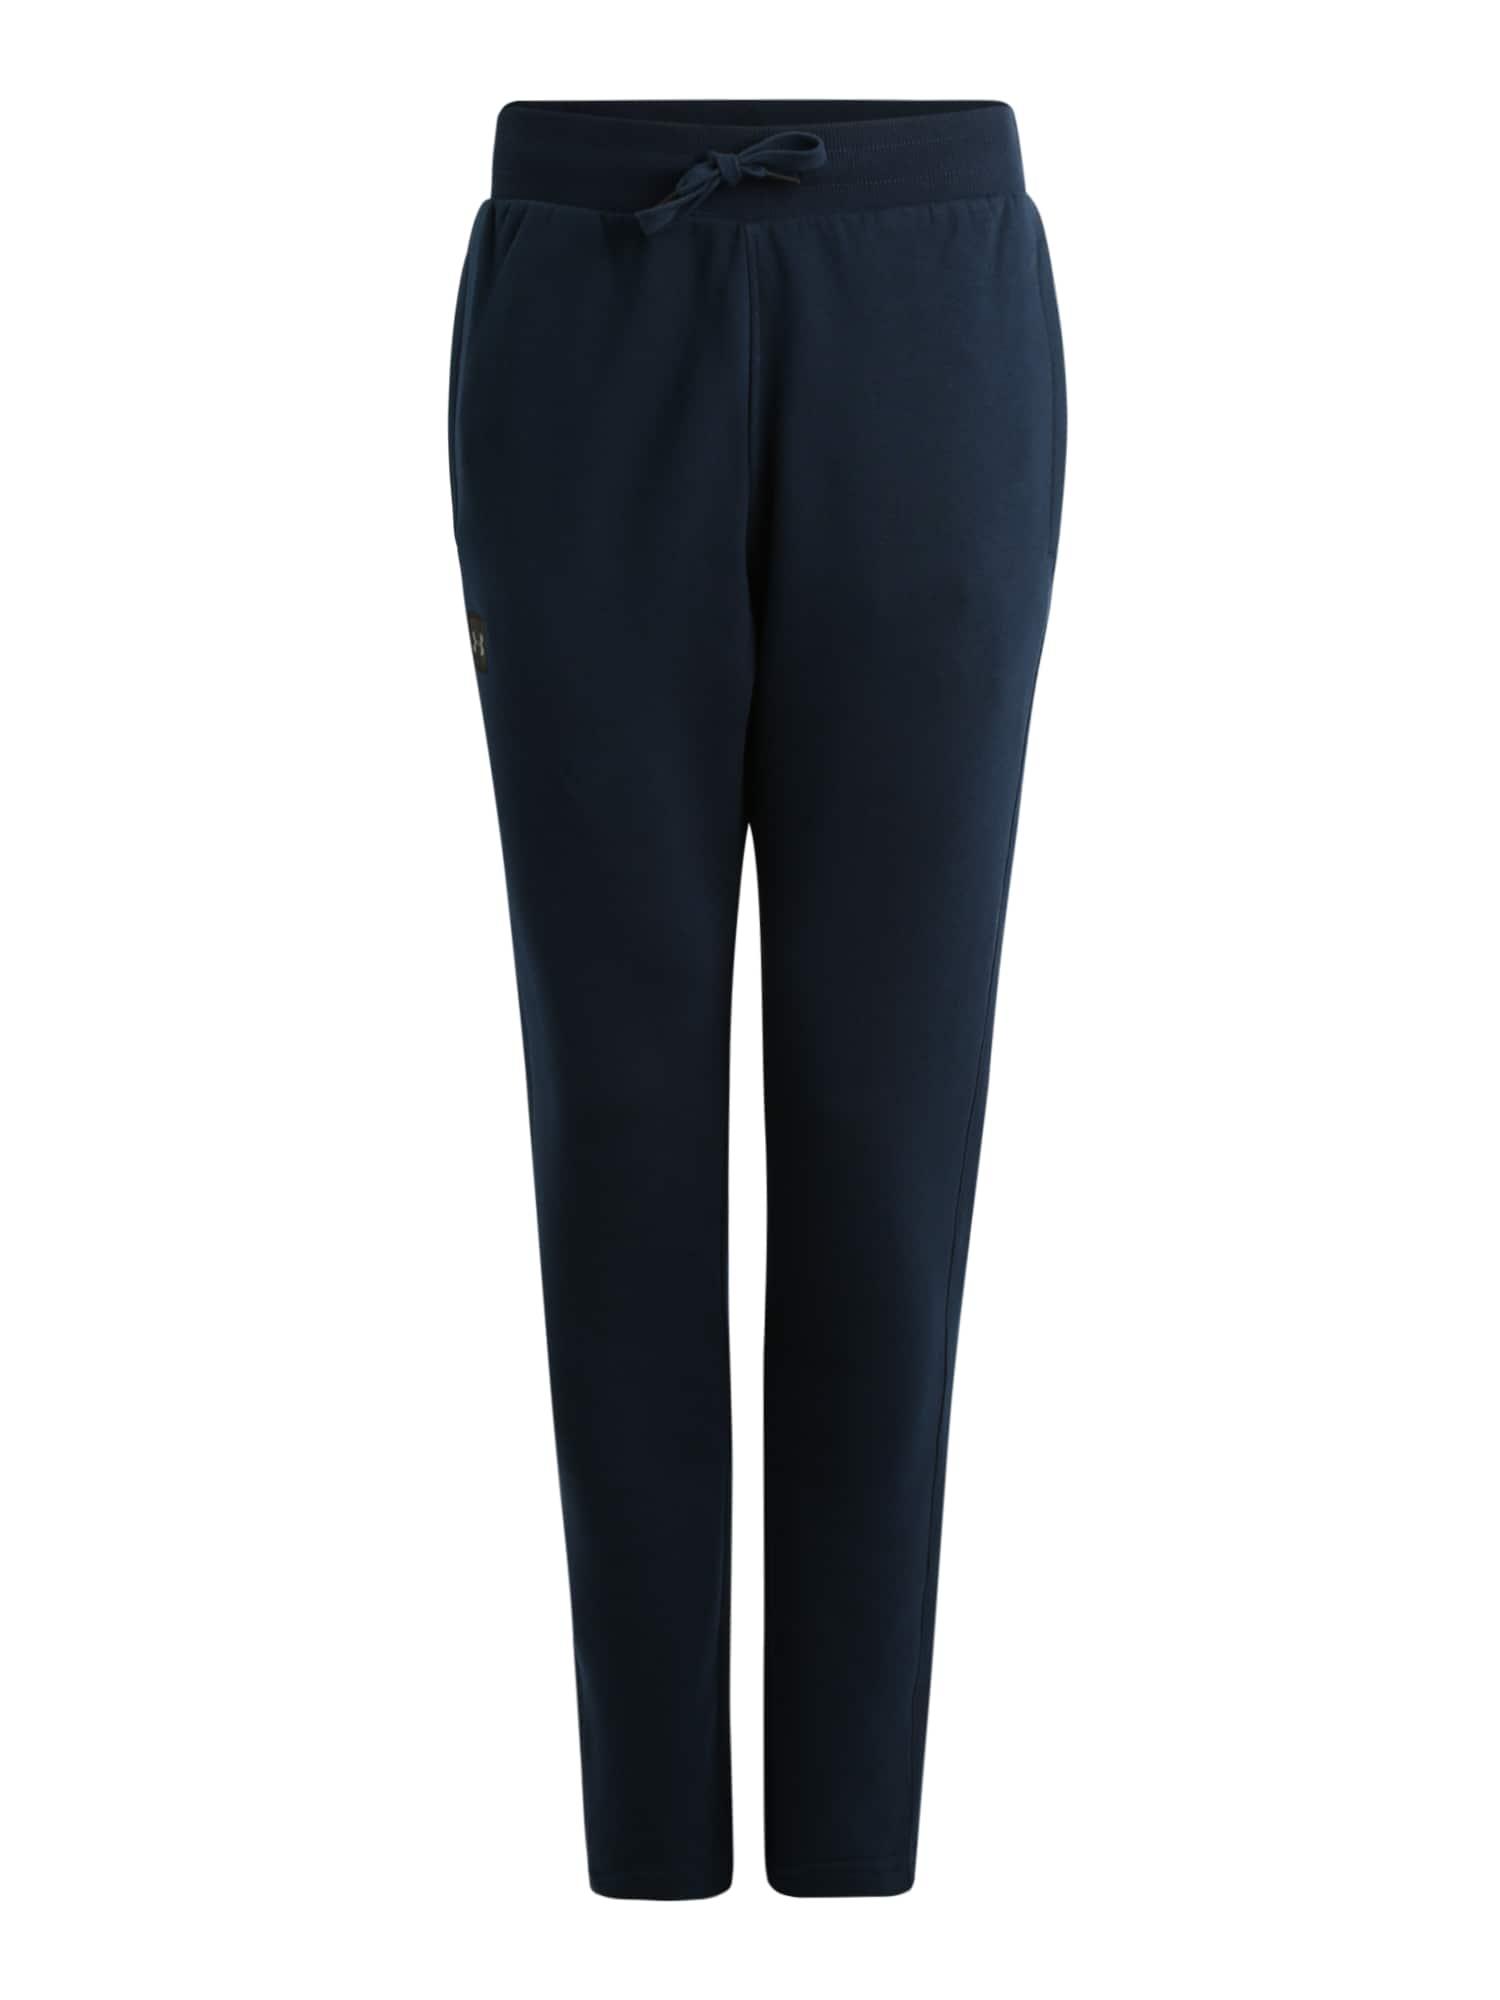 UNDER ARMOUR Sportinės kelnės 'FLEECE' juoda / tamsiai mėlyna